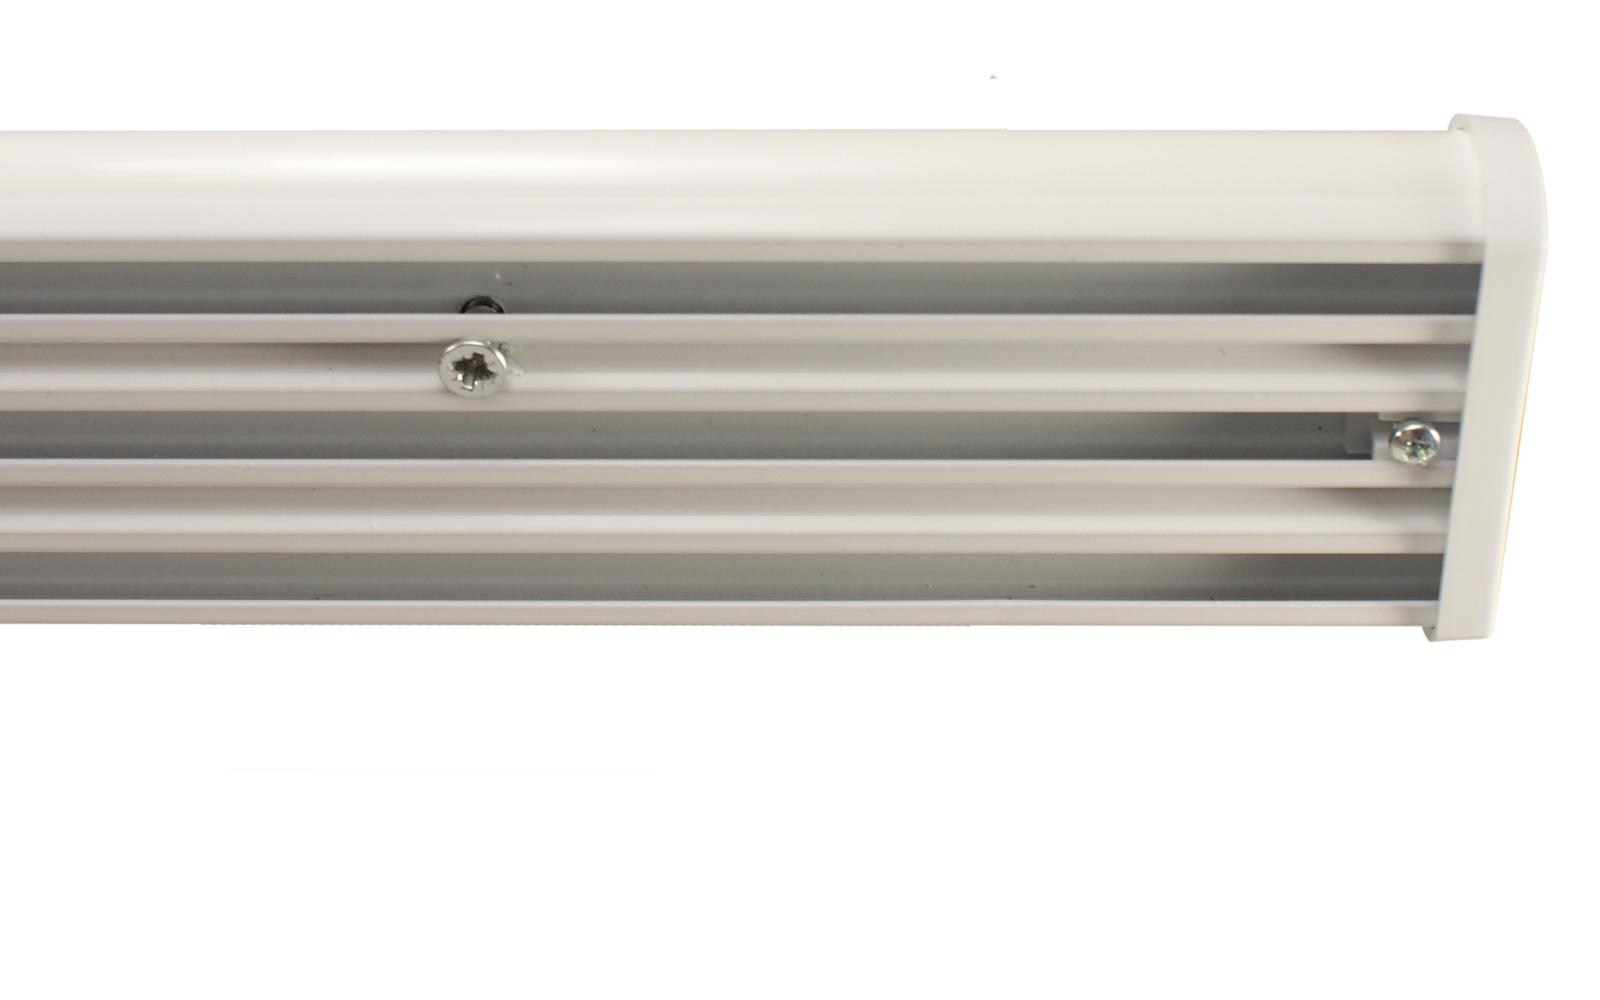 Sehr 3 läufige Gardinenschienen weiß aus Aluminium KI92